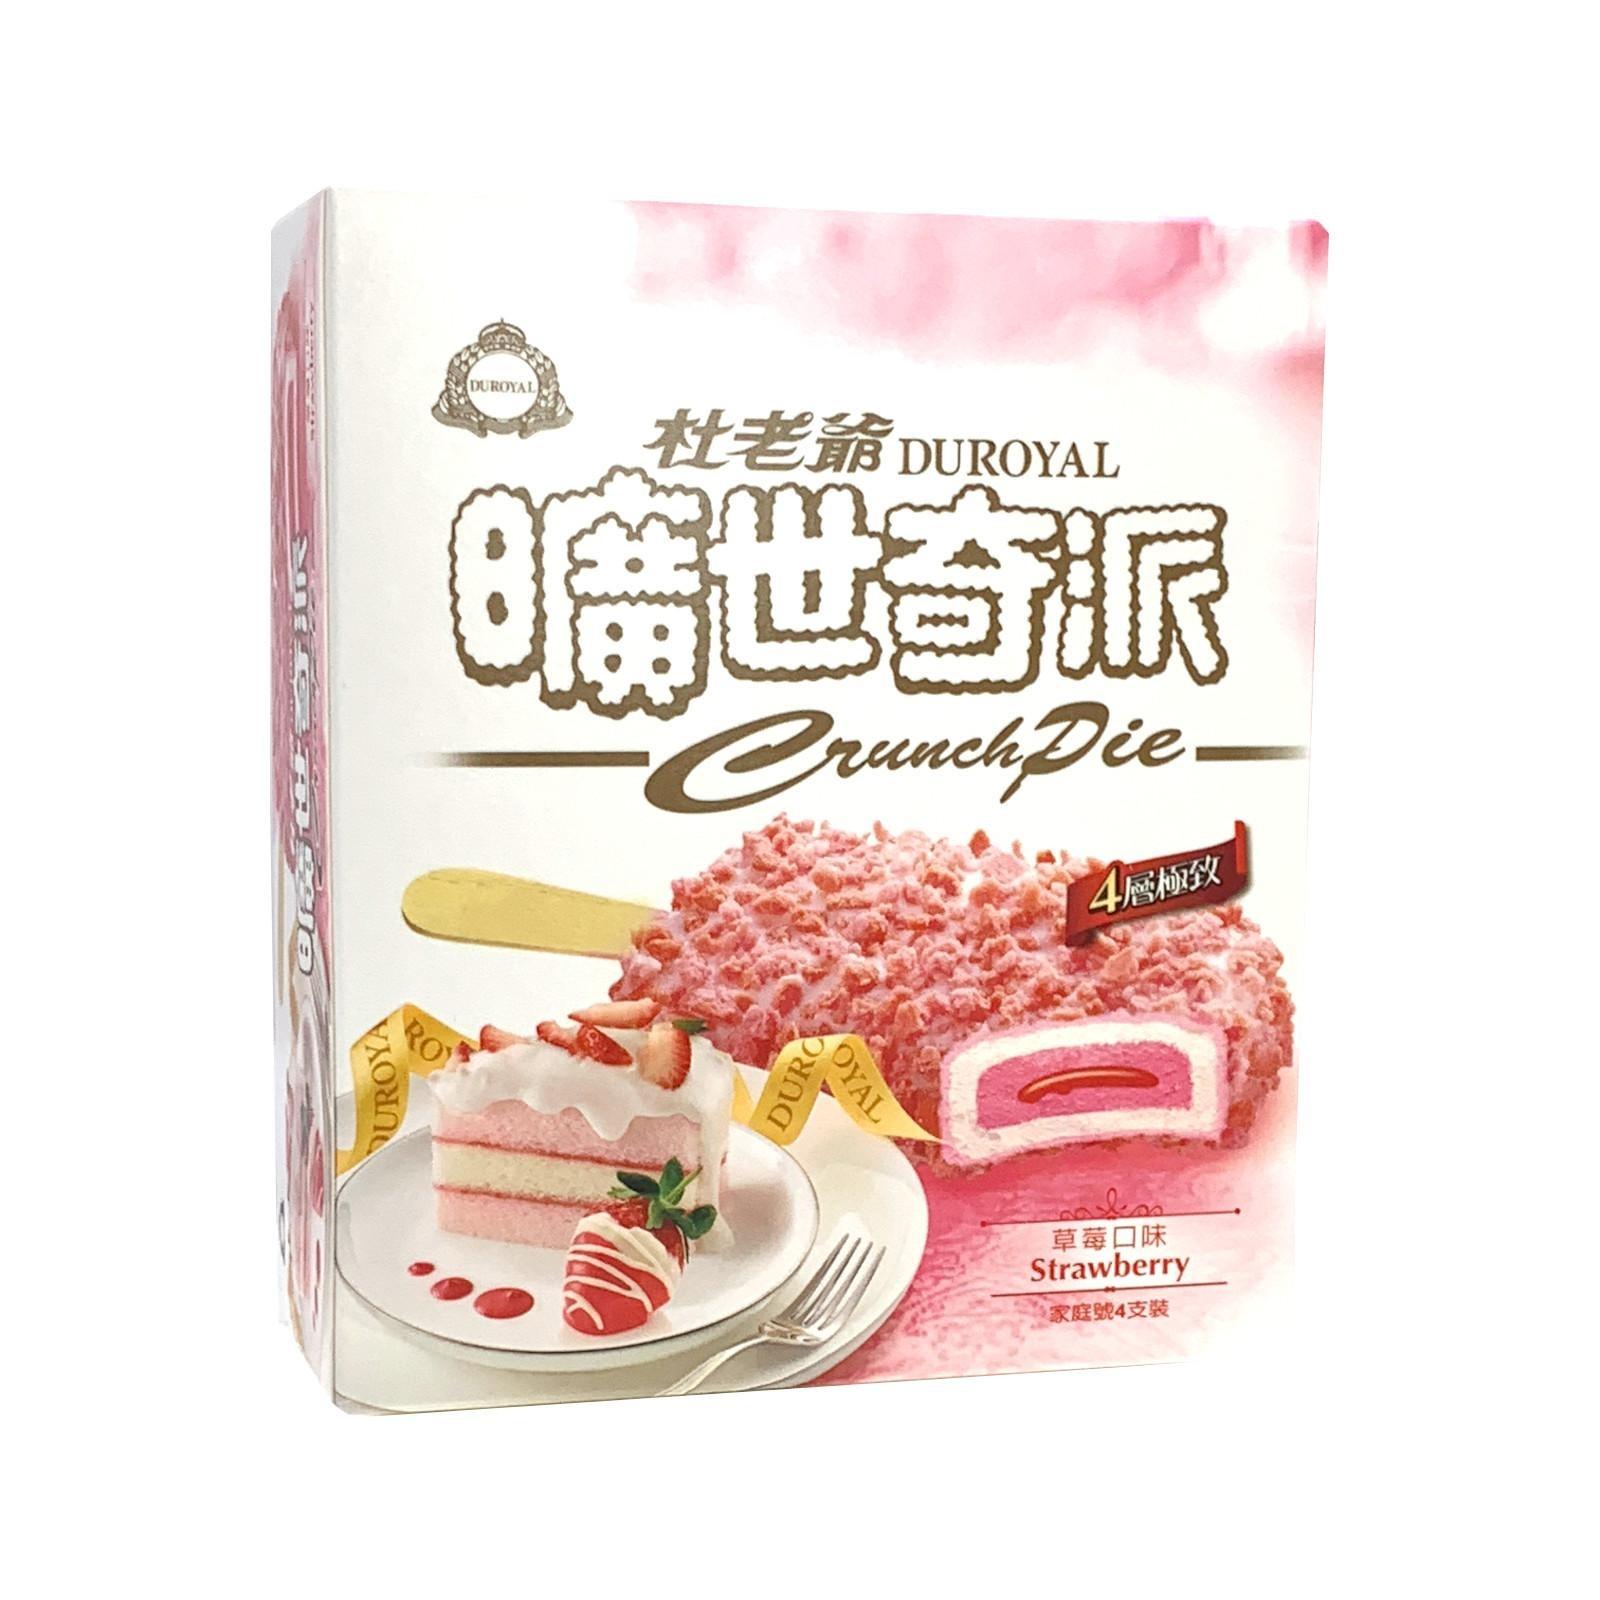 Duroyal Quad Strawberry Crunch Pie Ice Cream - Frozen